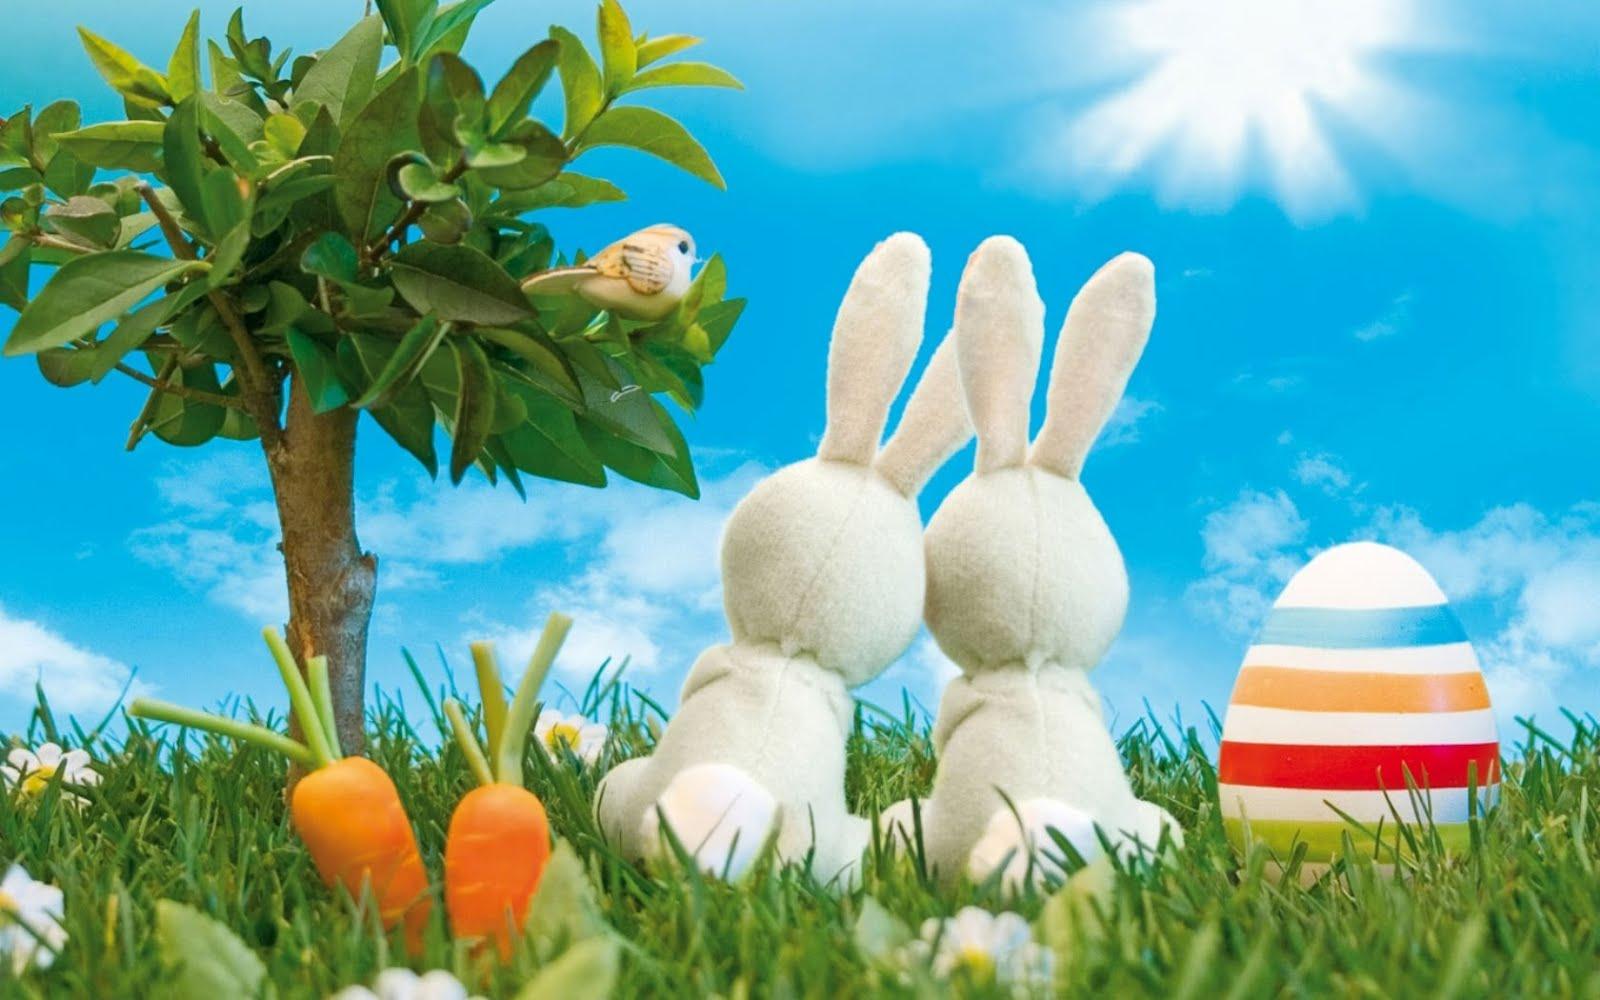 pasqua coniglietti immagine di auguri